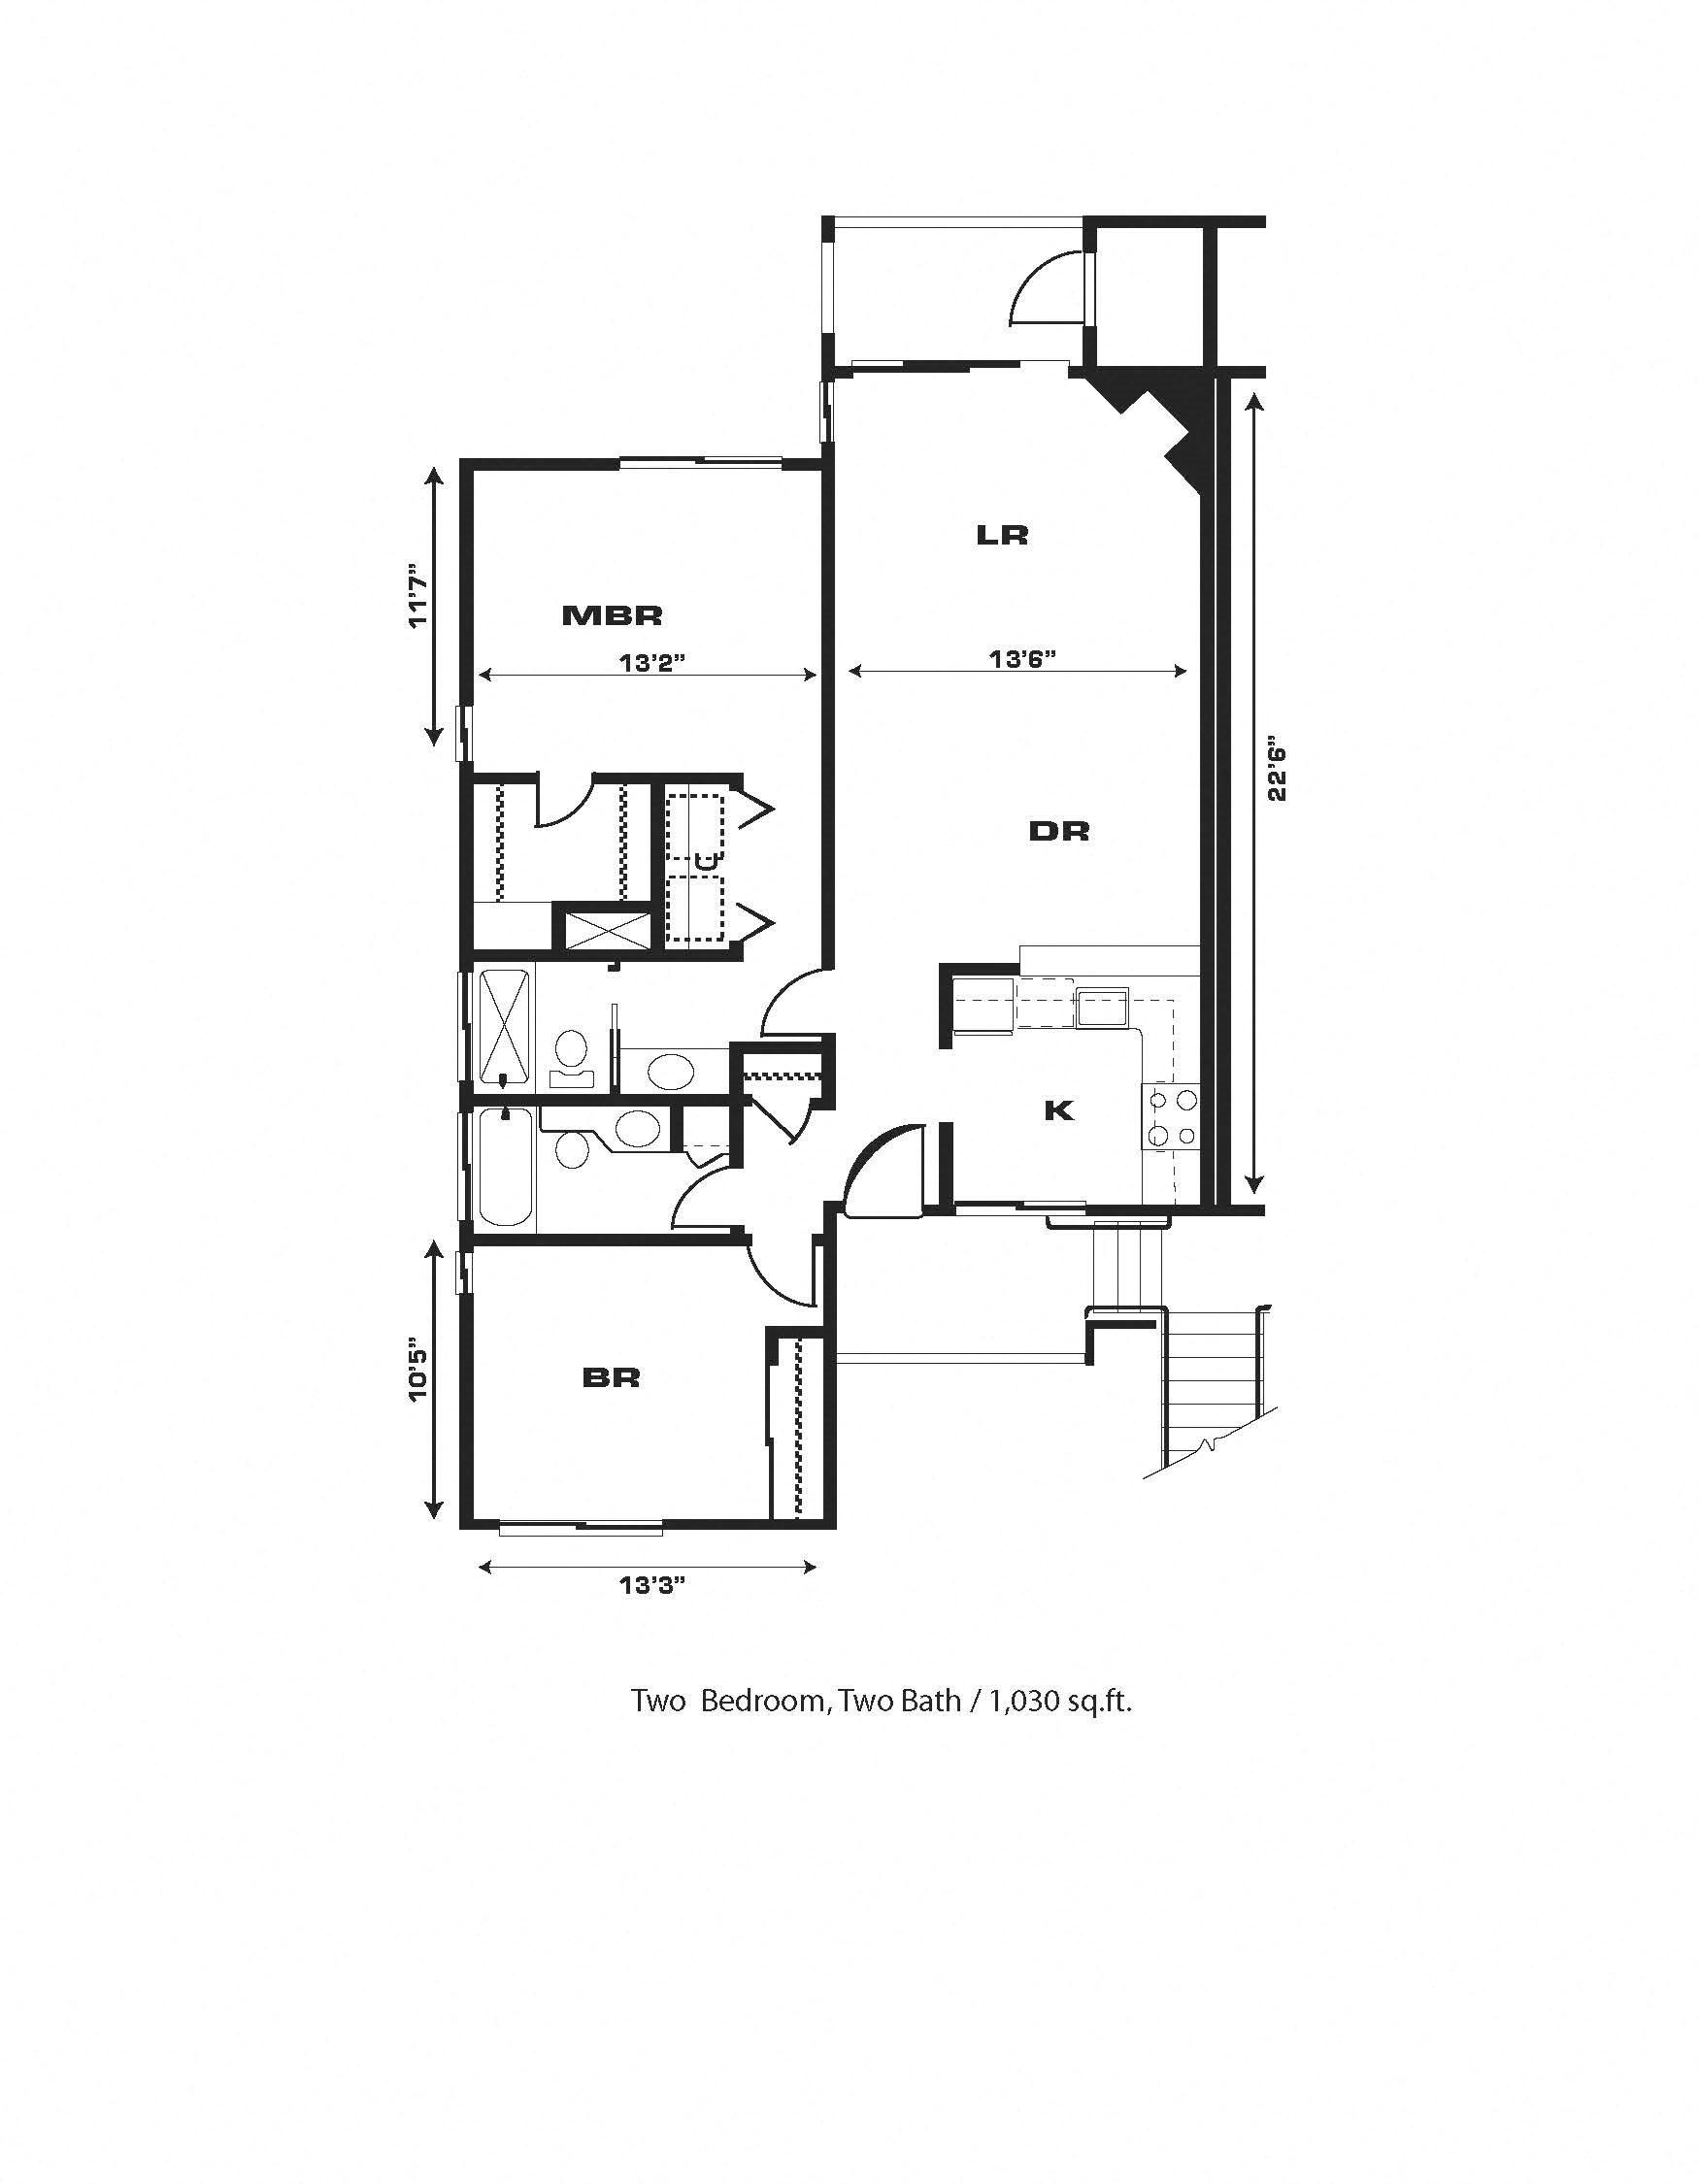 2br/2ba, Fireplace, End Unit W/D Hkup Floor Plan 11